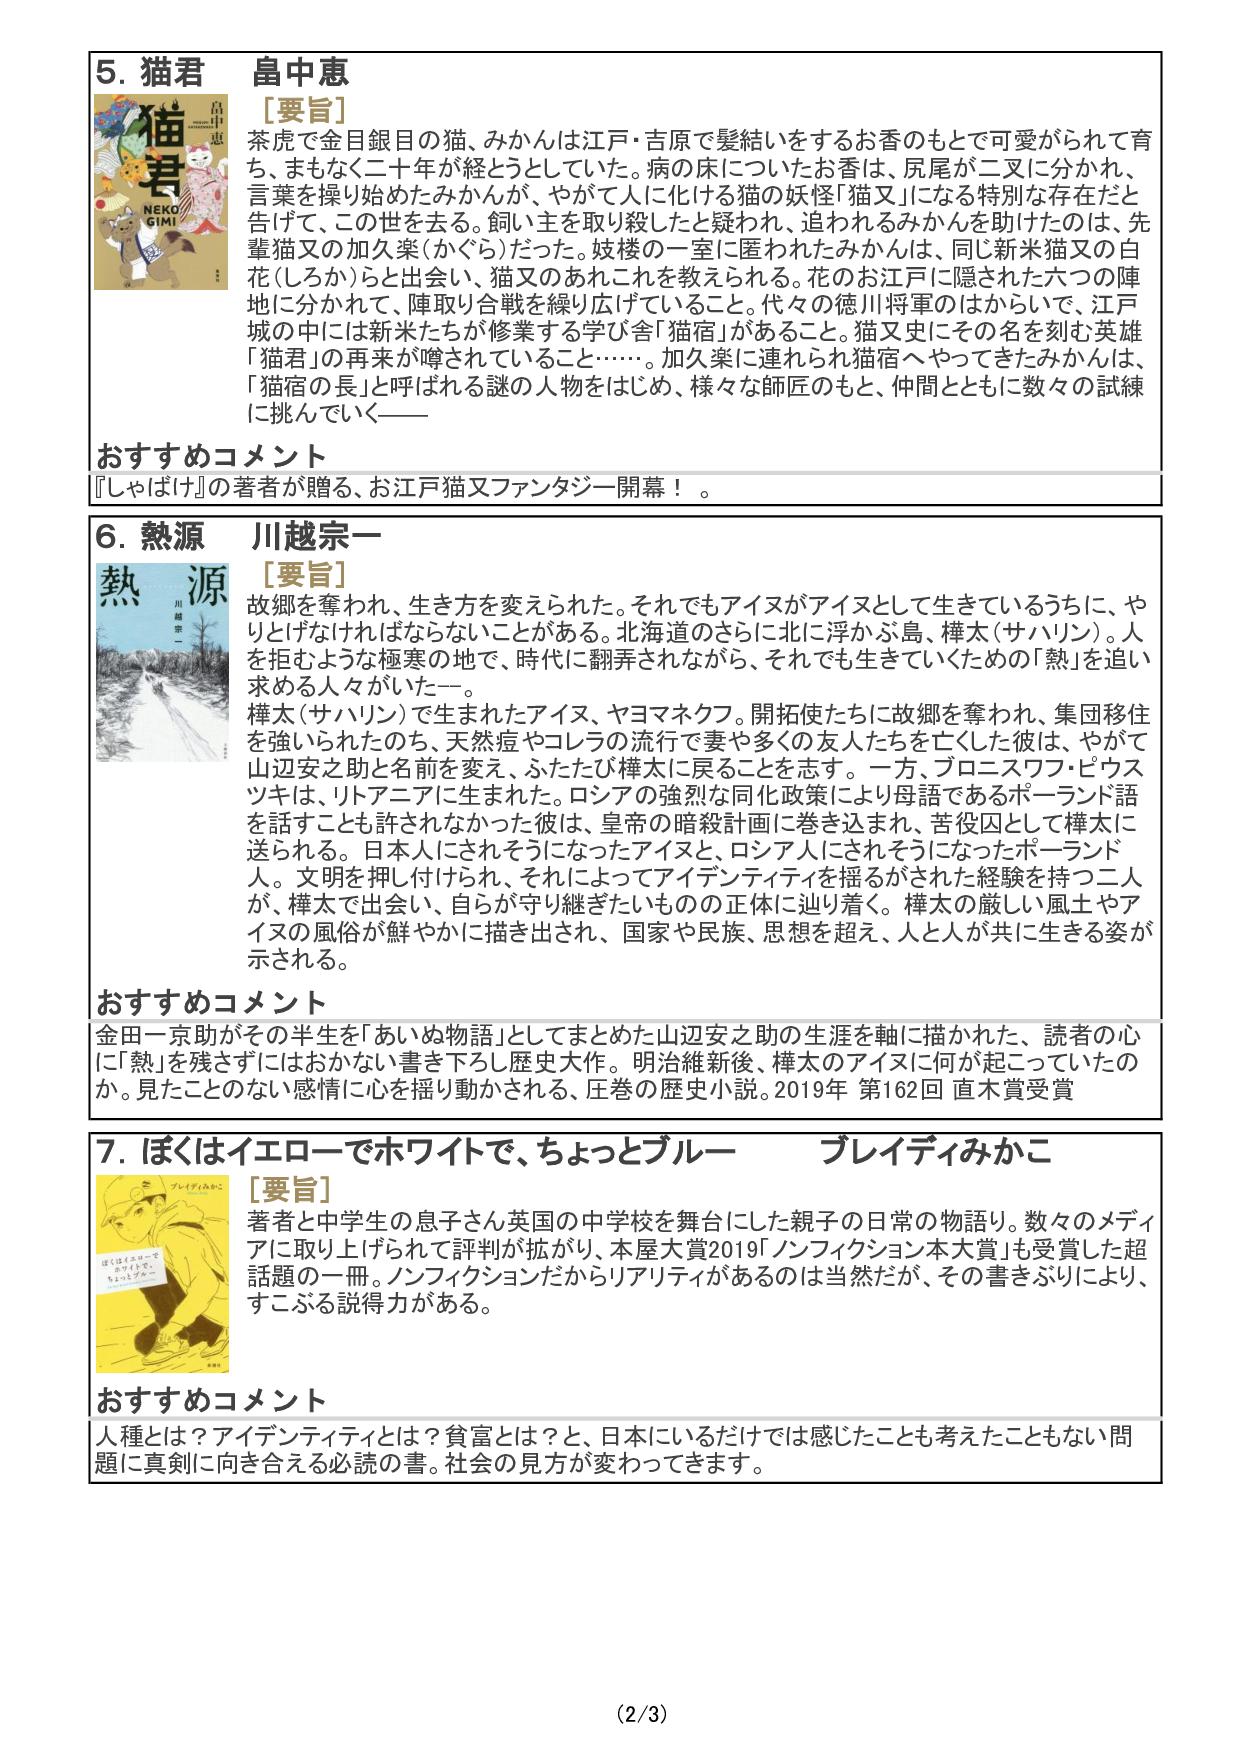 配架本参考情報2019_p002